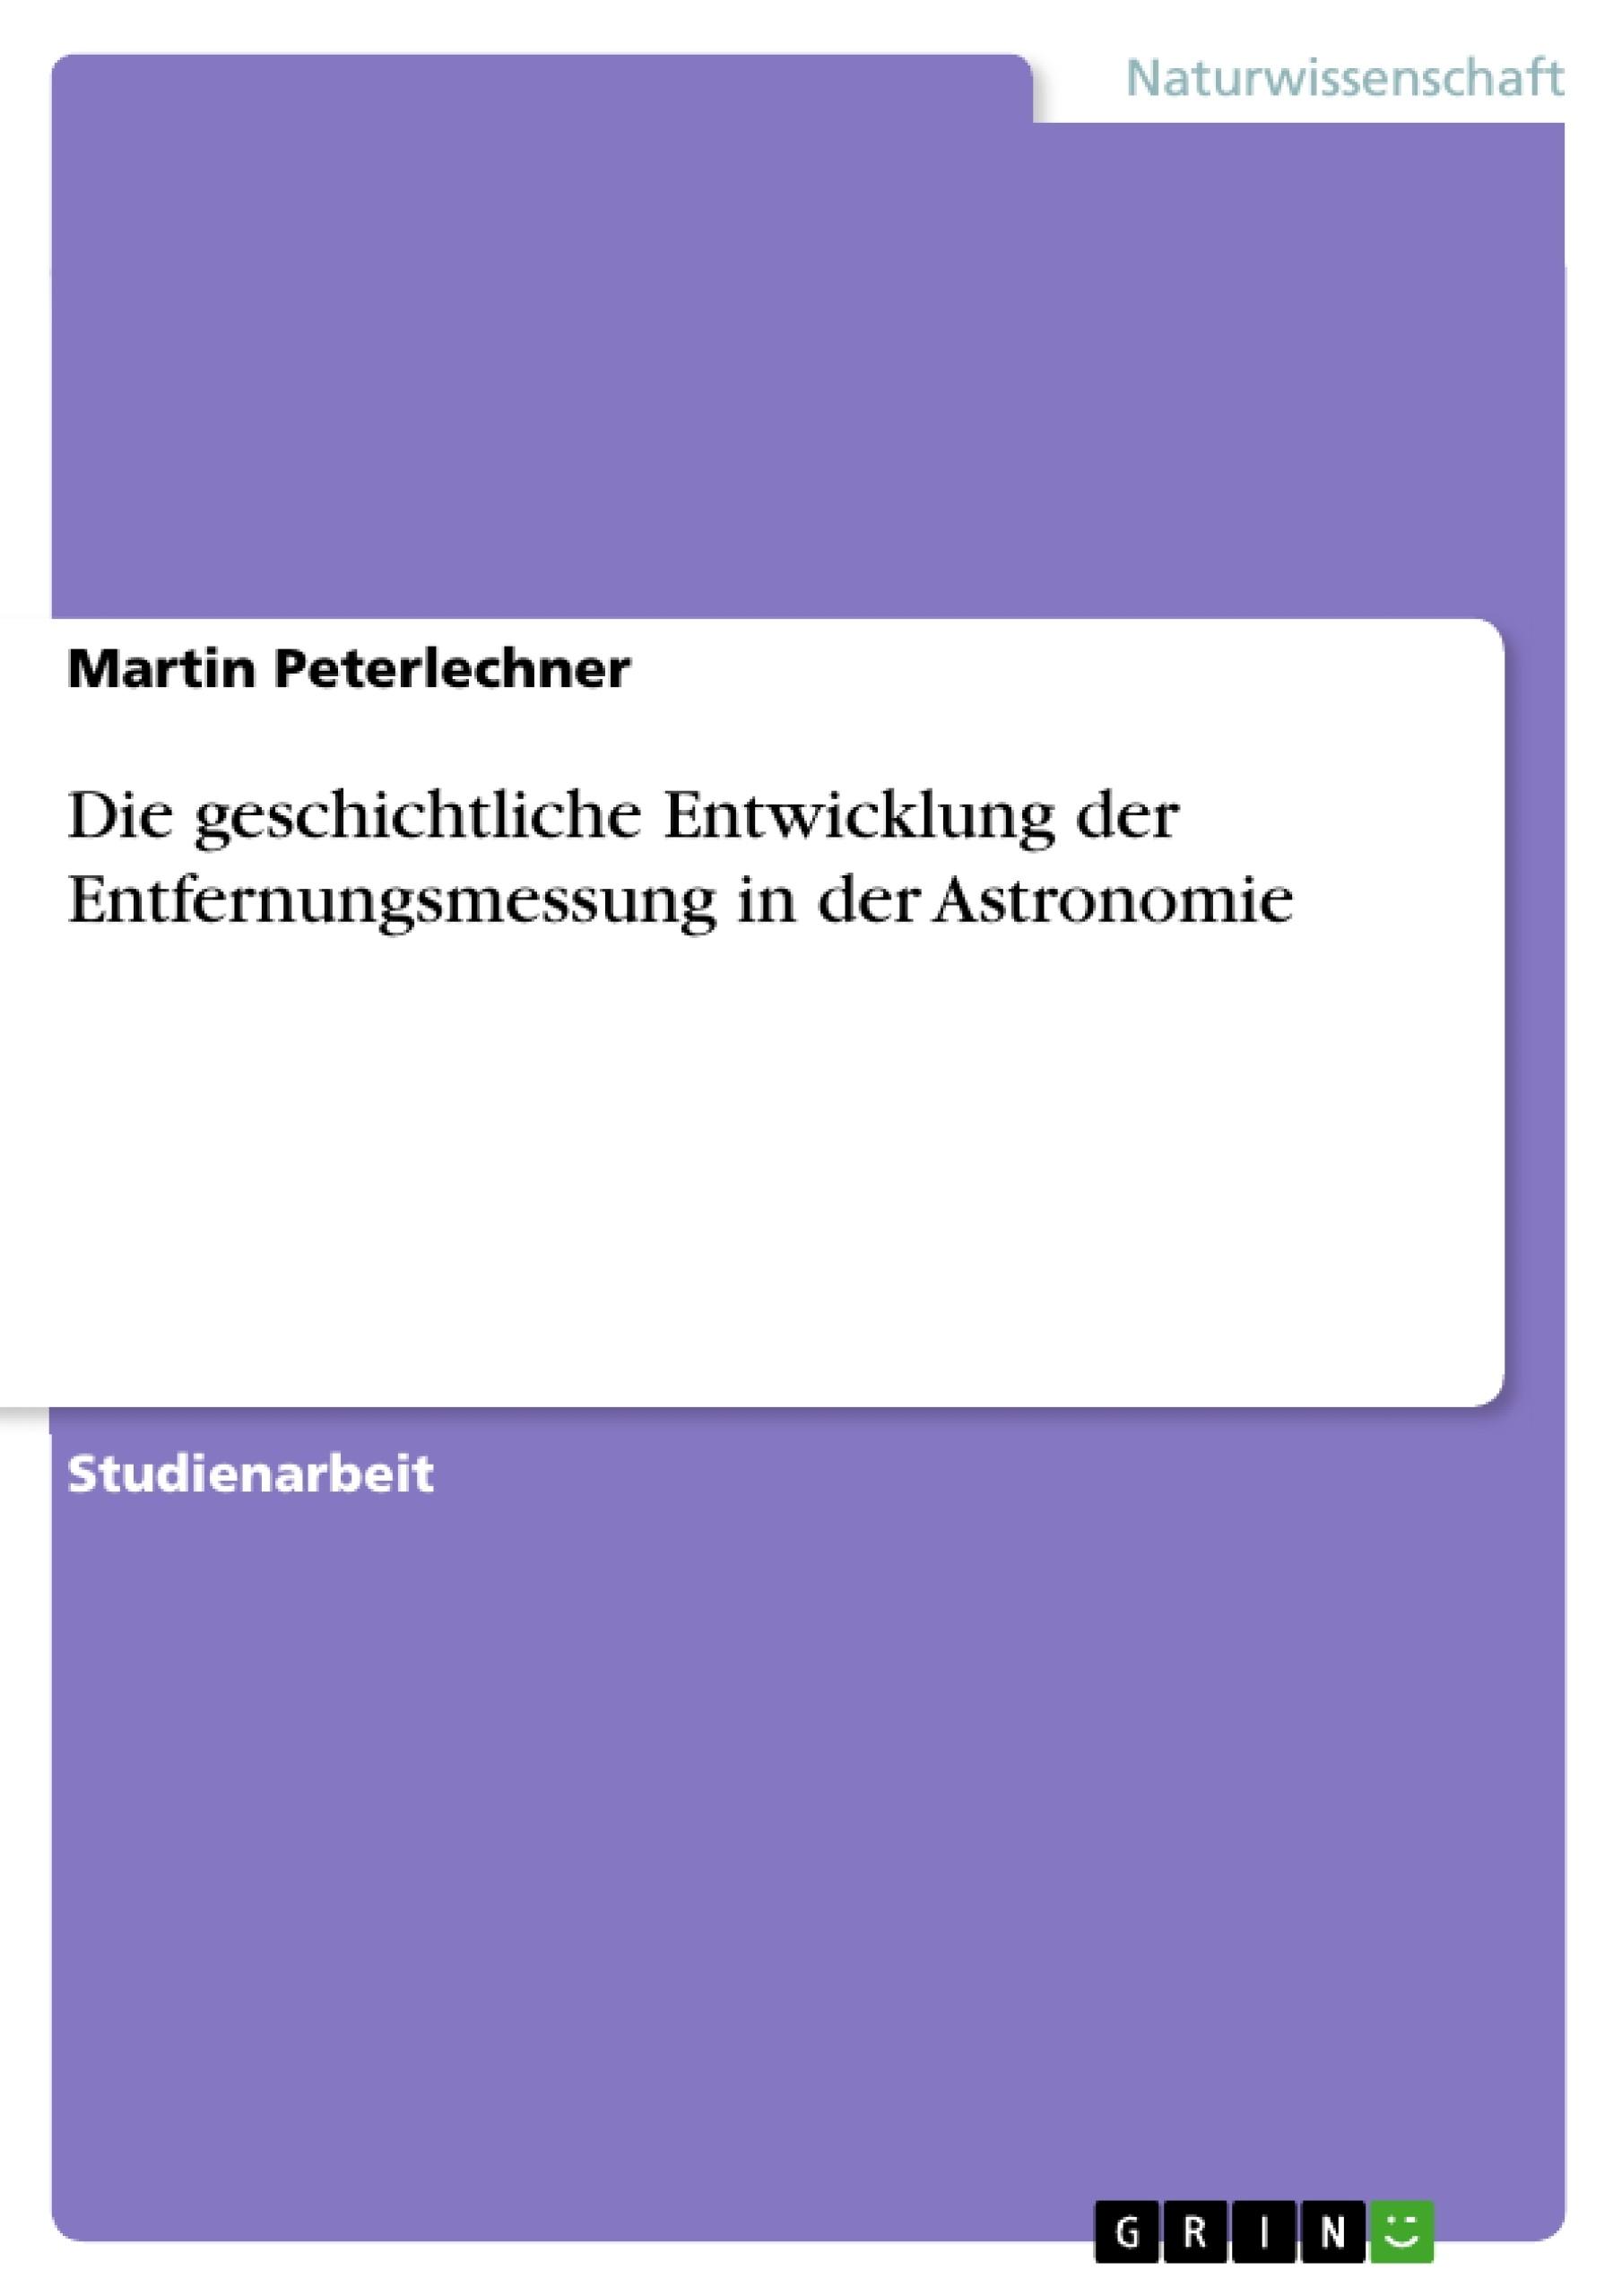 Titel: Die geschichtliche Entwicklung der Entfernungsmessung in der Astronomie